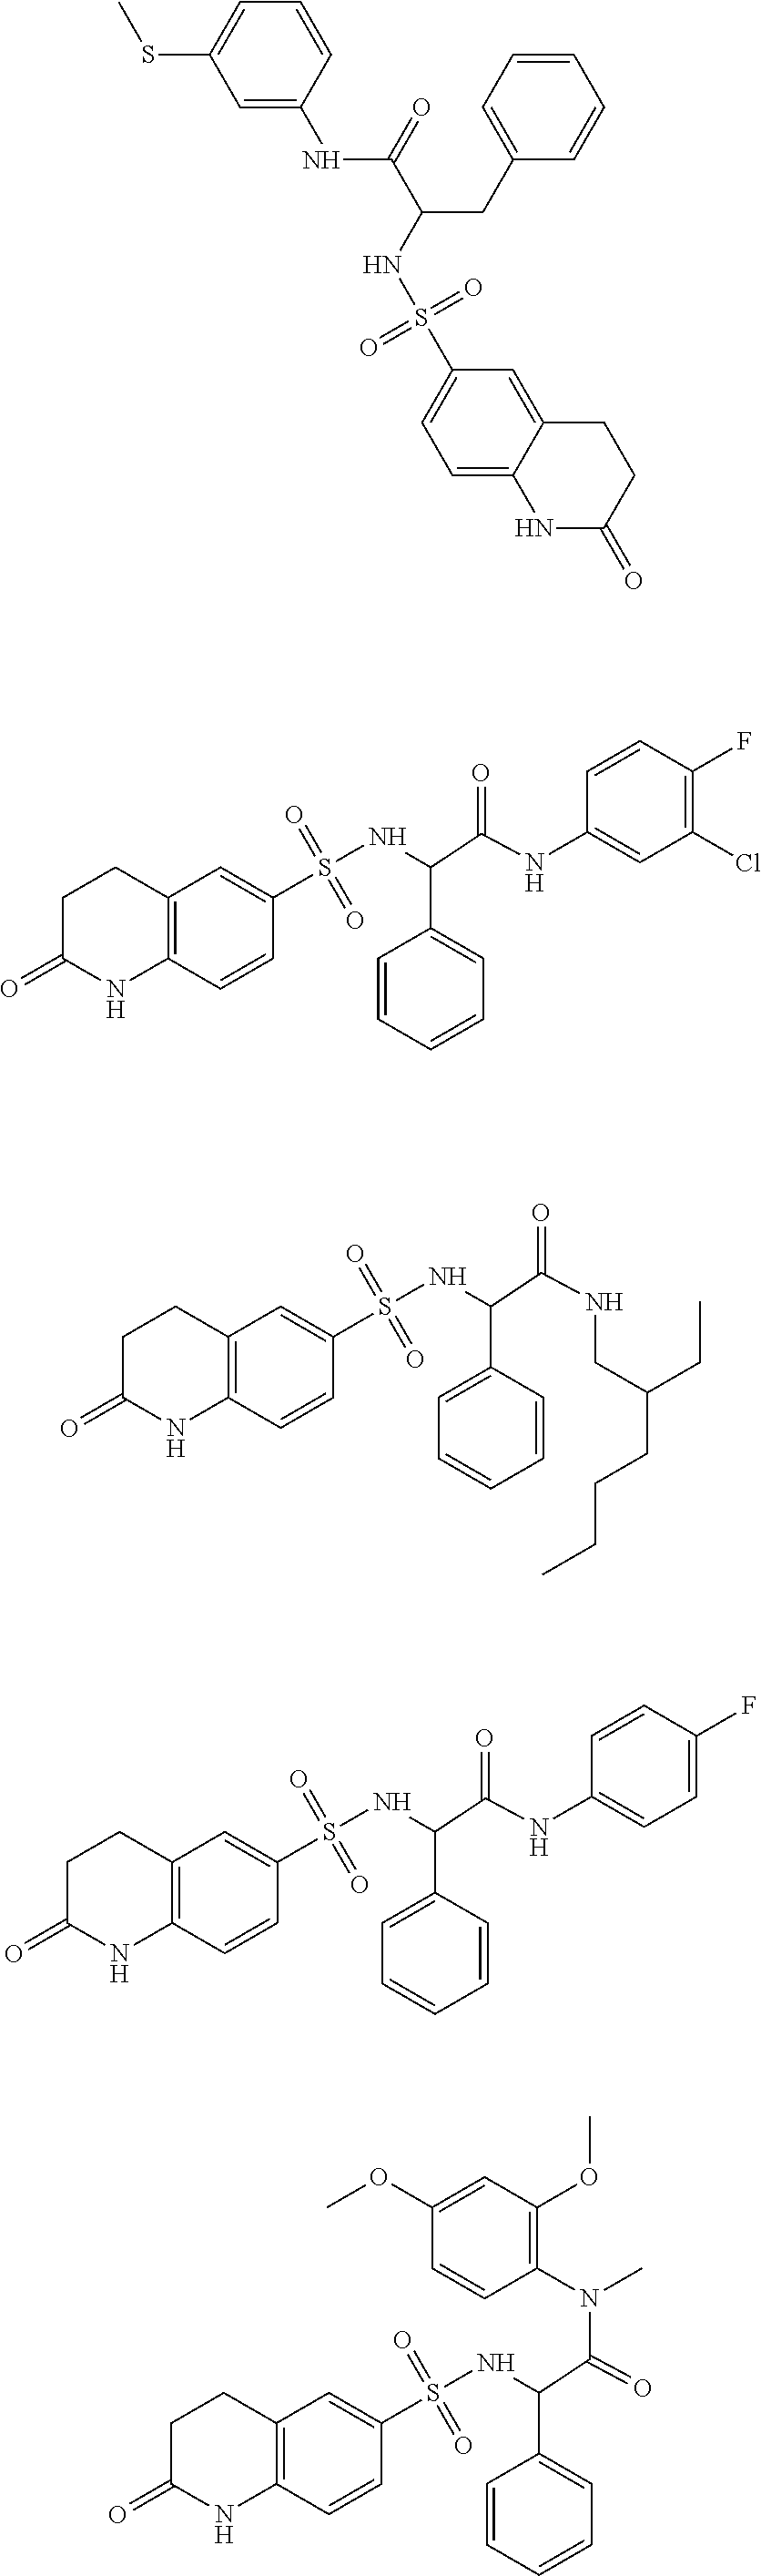 Figure US08957075-20150217-C00011